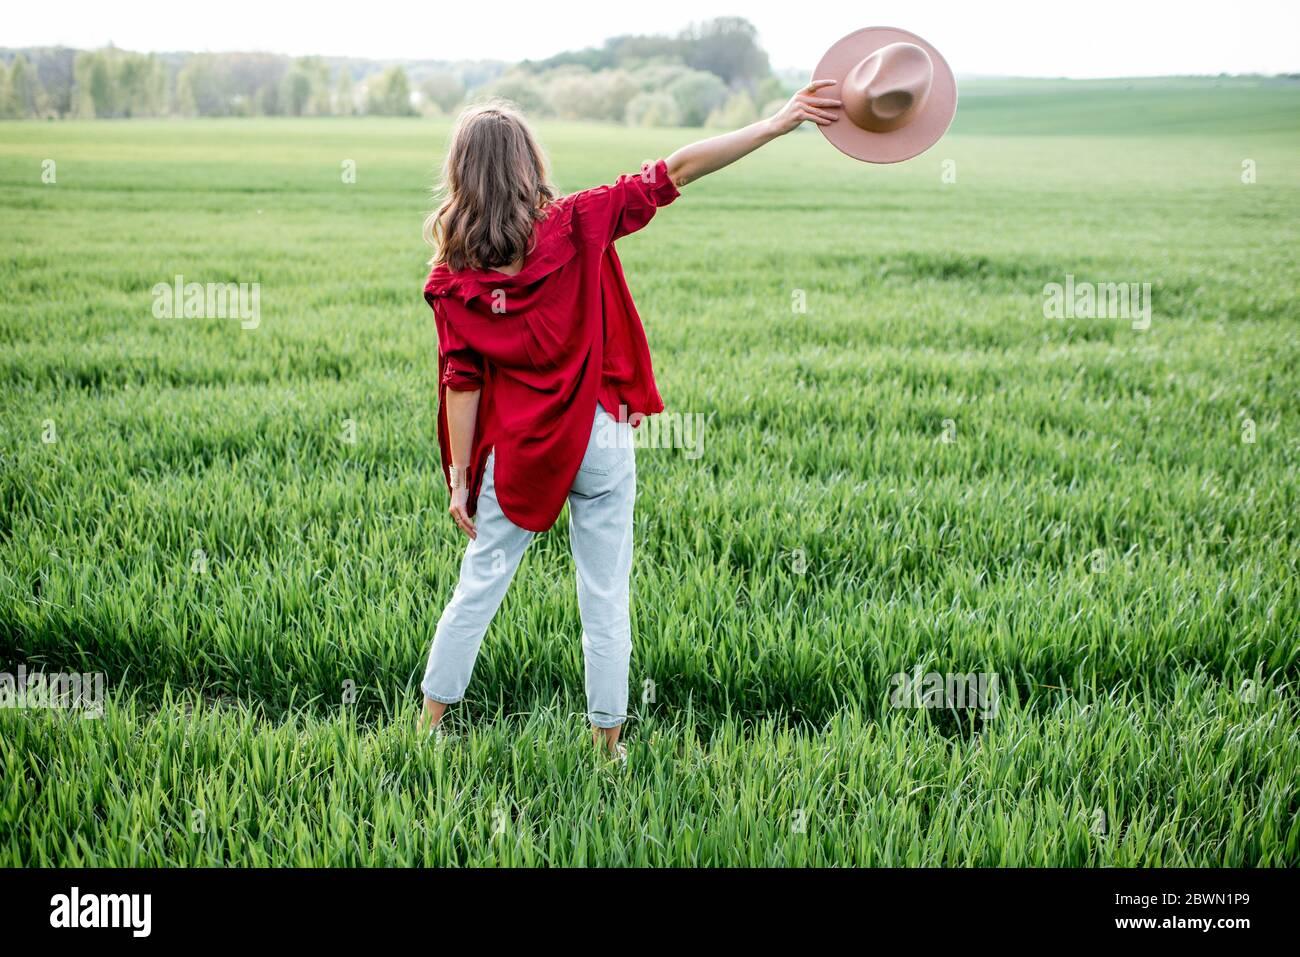 Femme élégante profitant du printemps et de la nature sur le terrain de verdure, vue arrière. Concept de vie et de liberté sans souci Banque D'Images